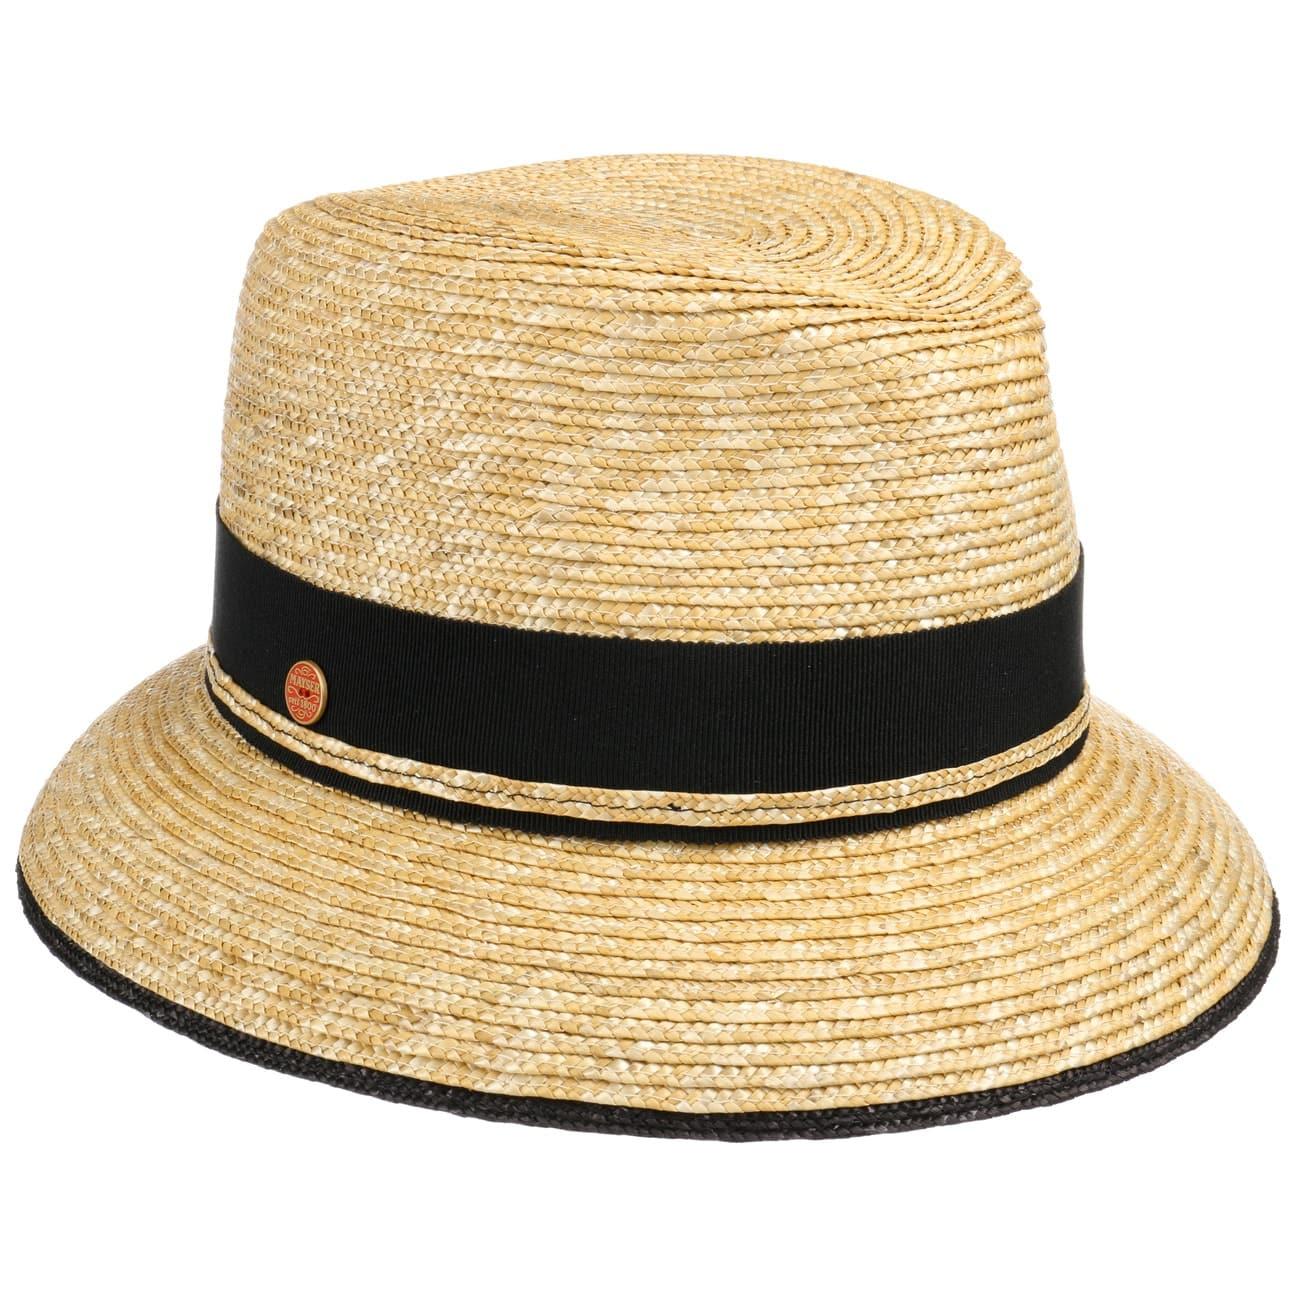 Chapeau en Paille Anti UV Charlotte by Mayser  chapeau de soleil